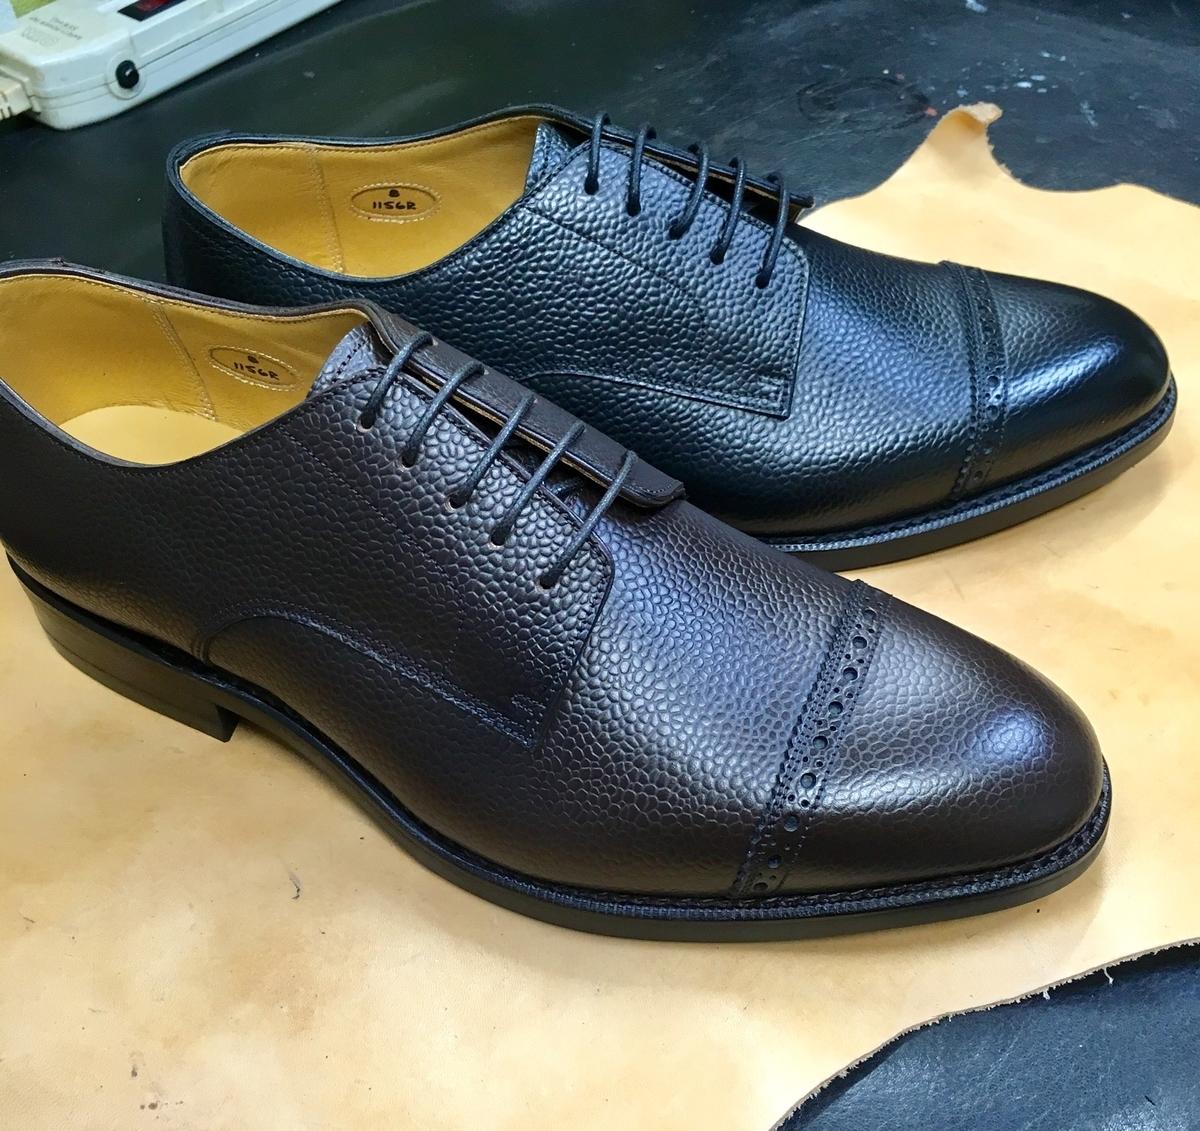 f:id:raymar-shoes:20190905162838j:plain